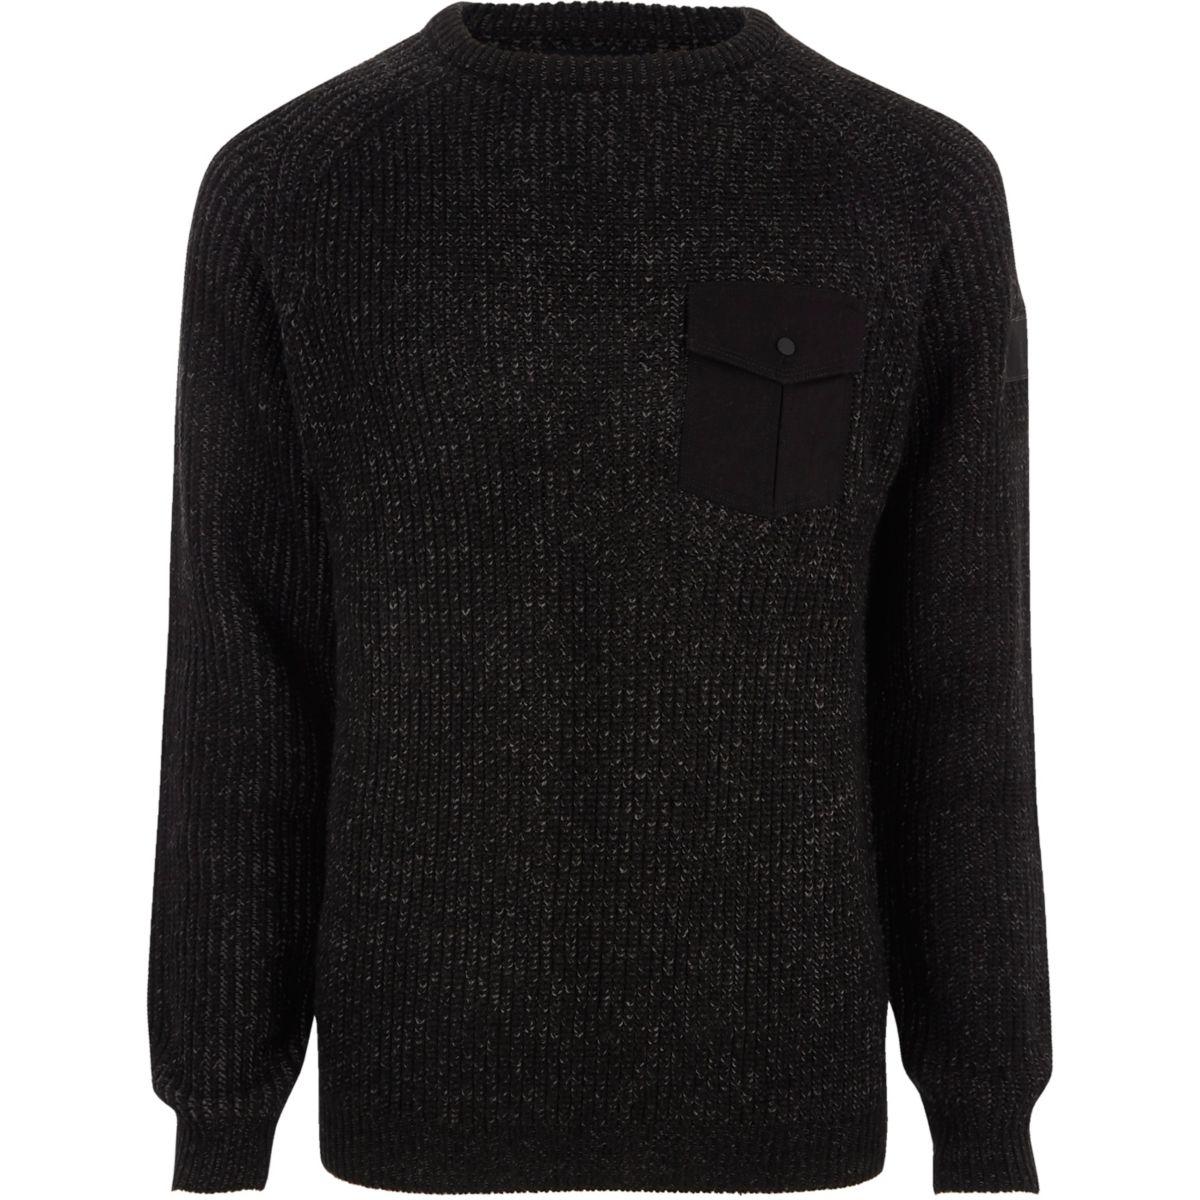 Dark grey chest pocket ribbed knit jumper